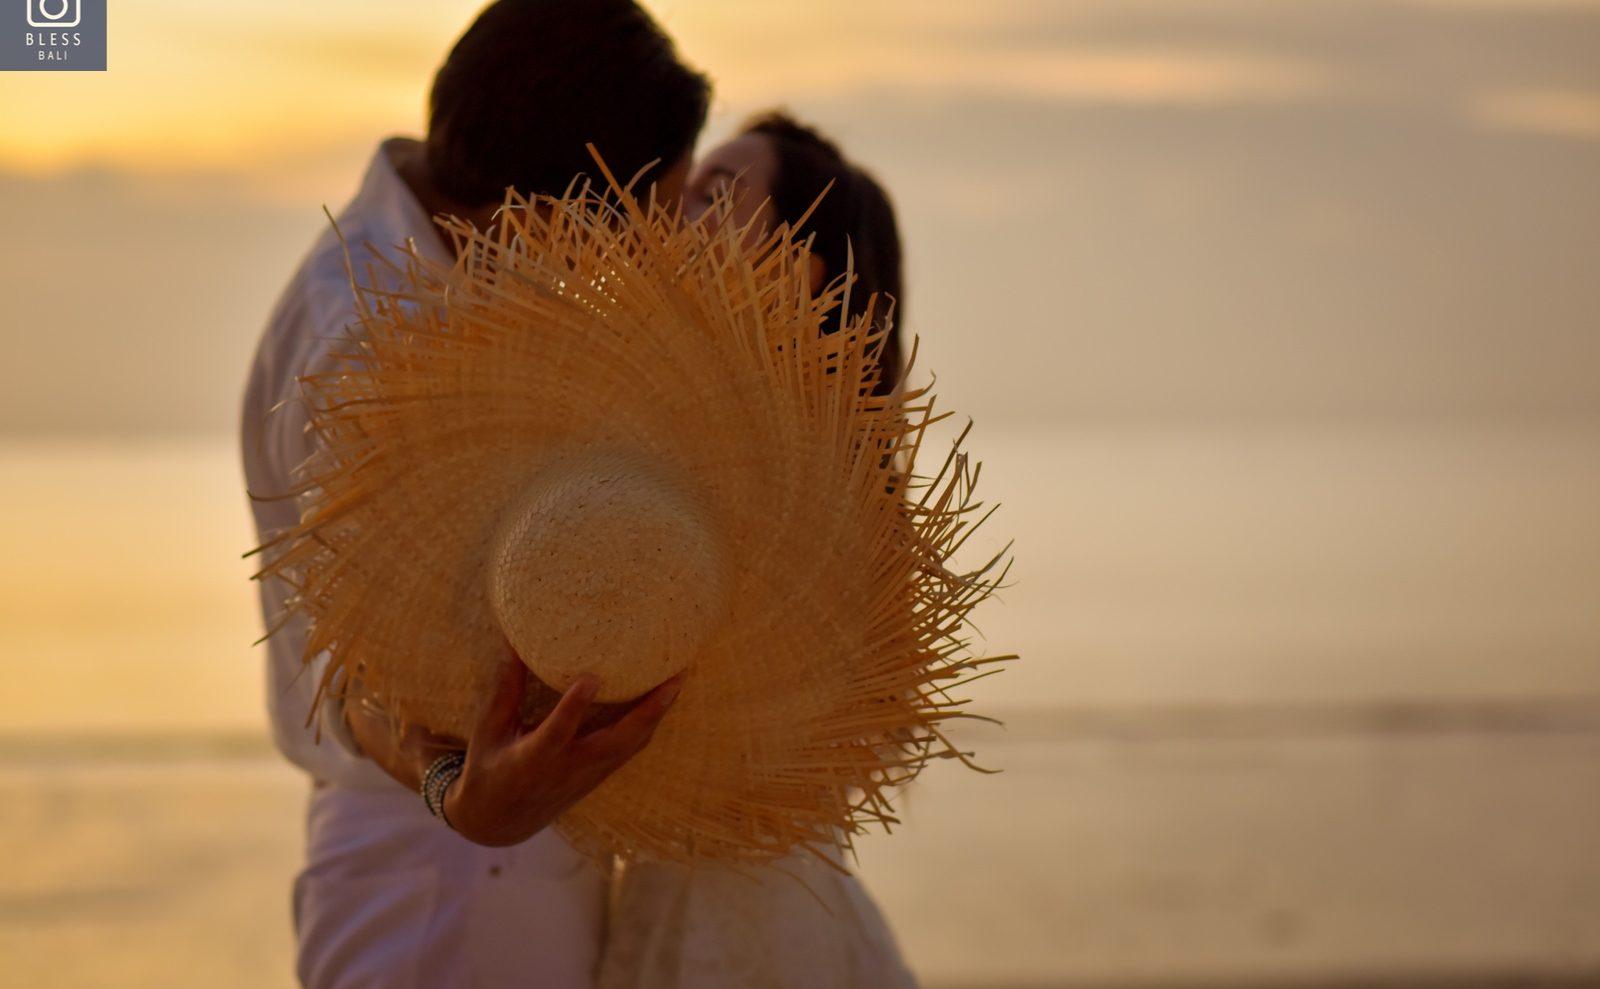 【お客様レポ#198】Jimbaran beachでサンセットフォト M&Y様